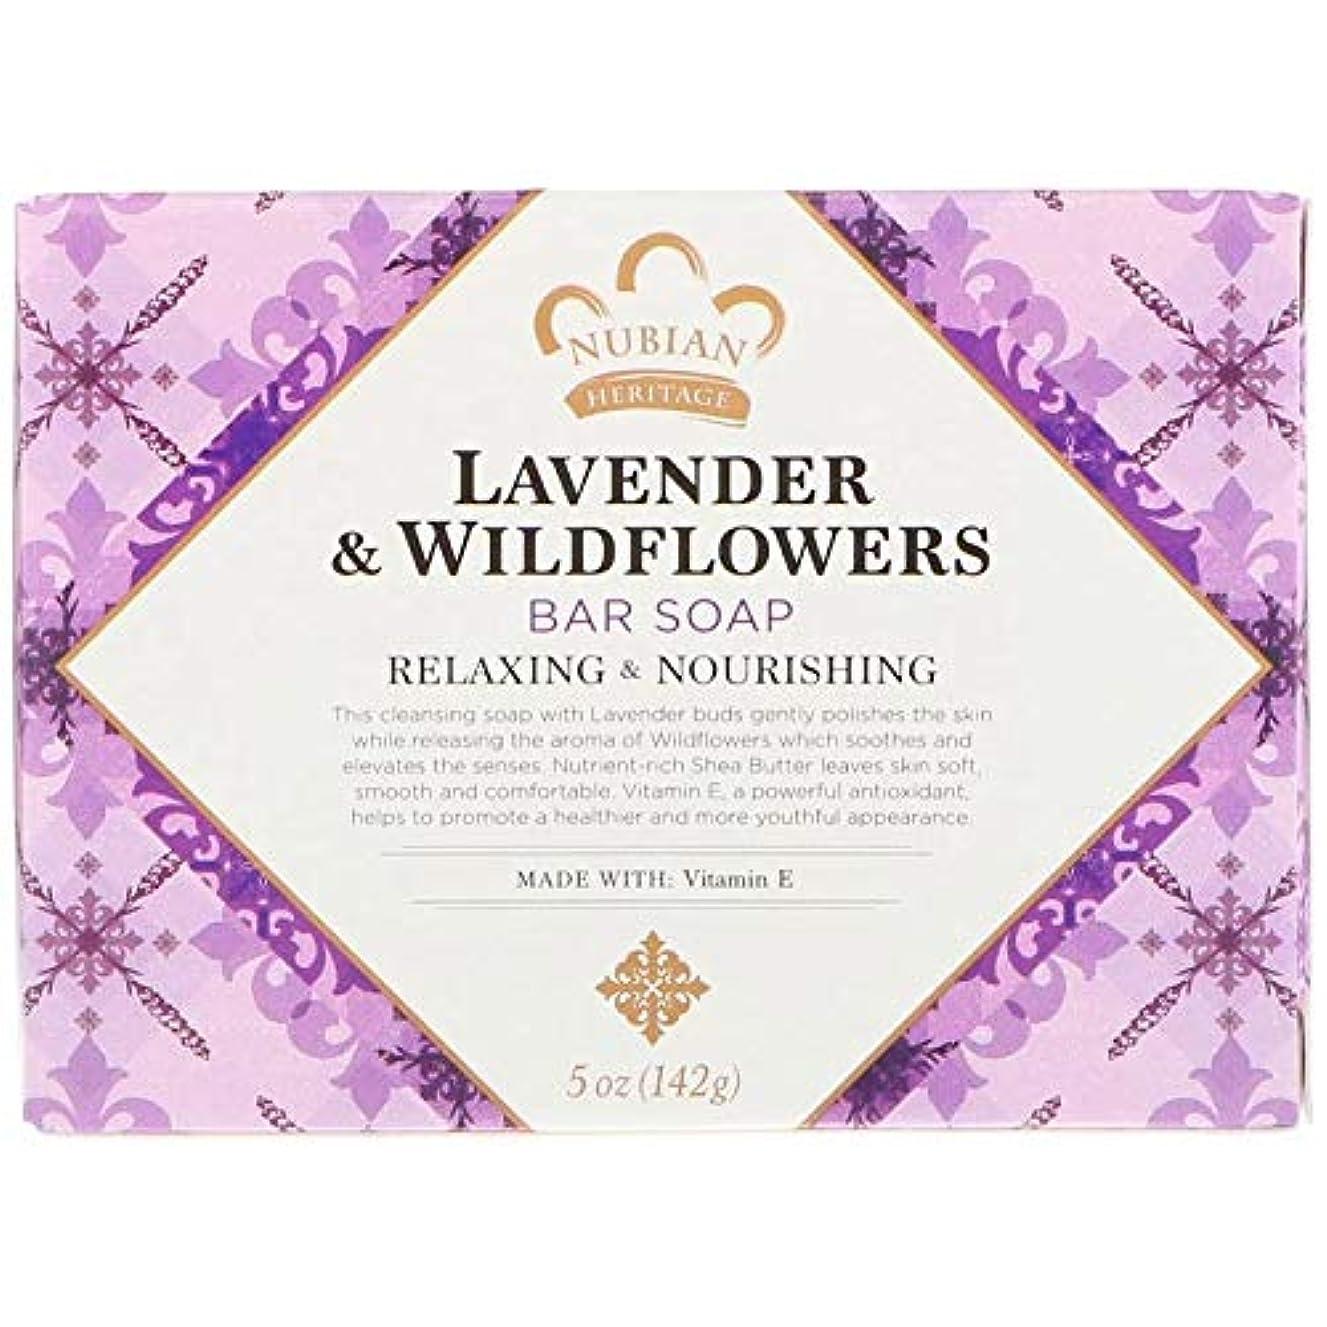 クスクス説得受賞シアバターソープ石鹸 ラベンダー&ワイルドフラワー Lavender & Wildflowers Bar Soap, 5 oz (142 g) [並行輸入品]